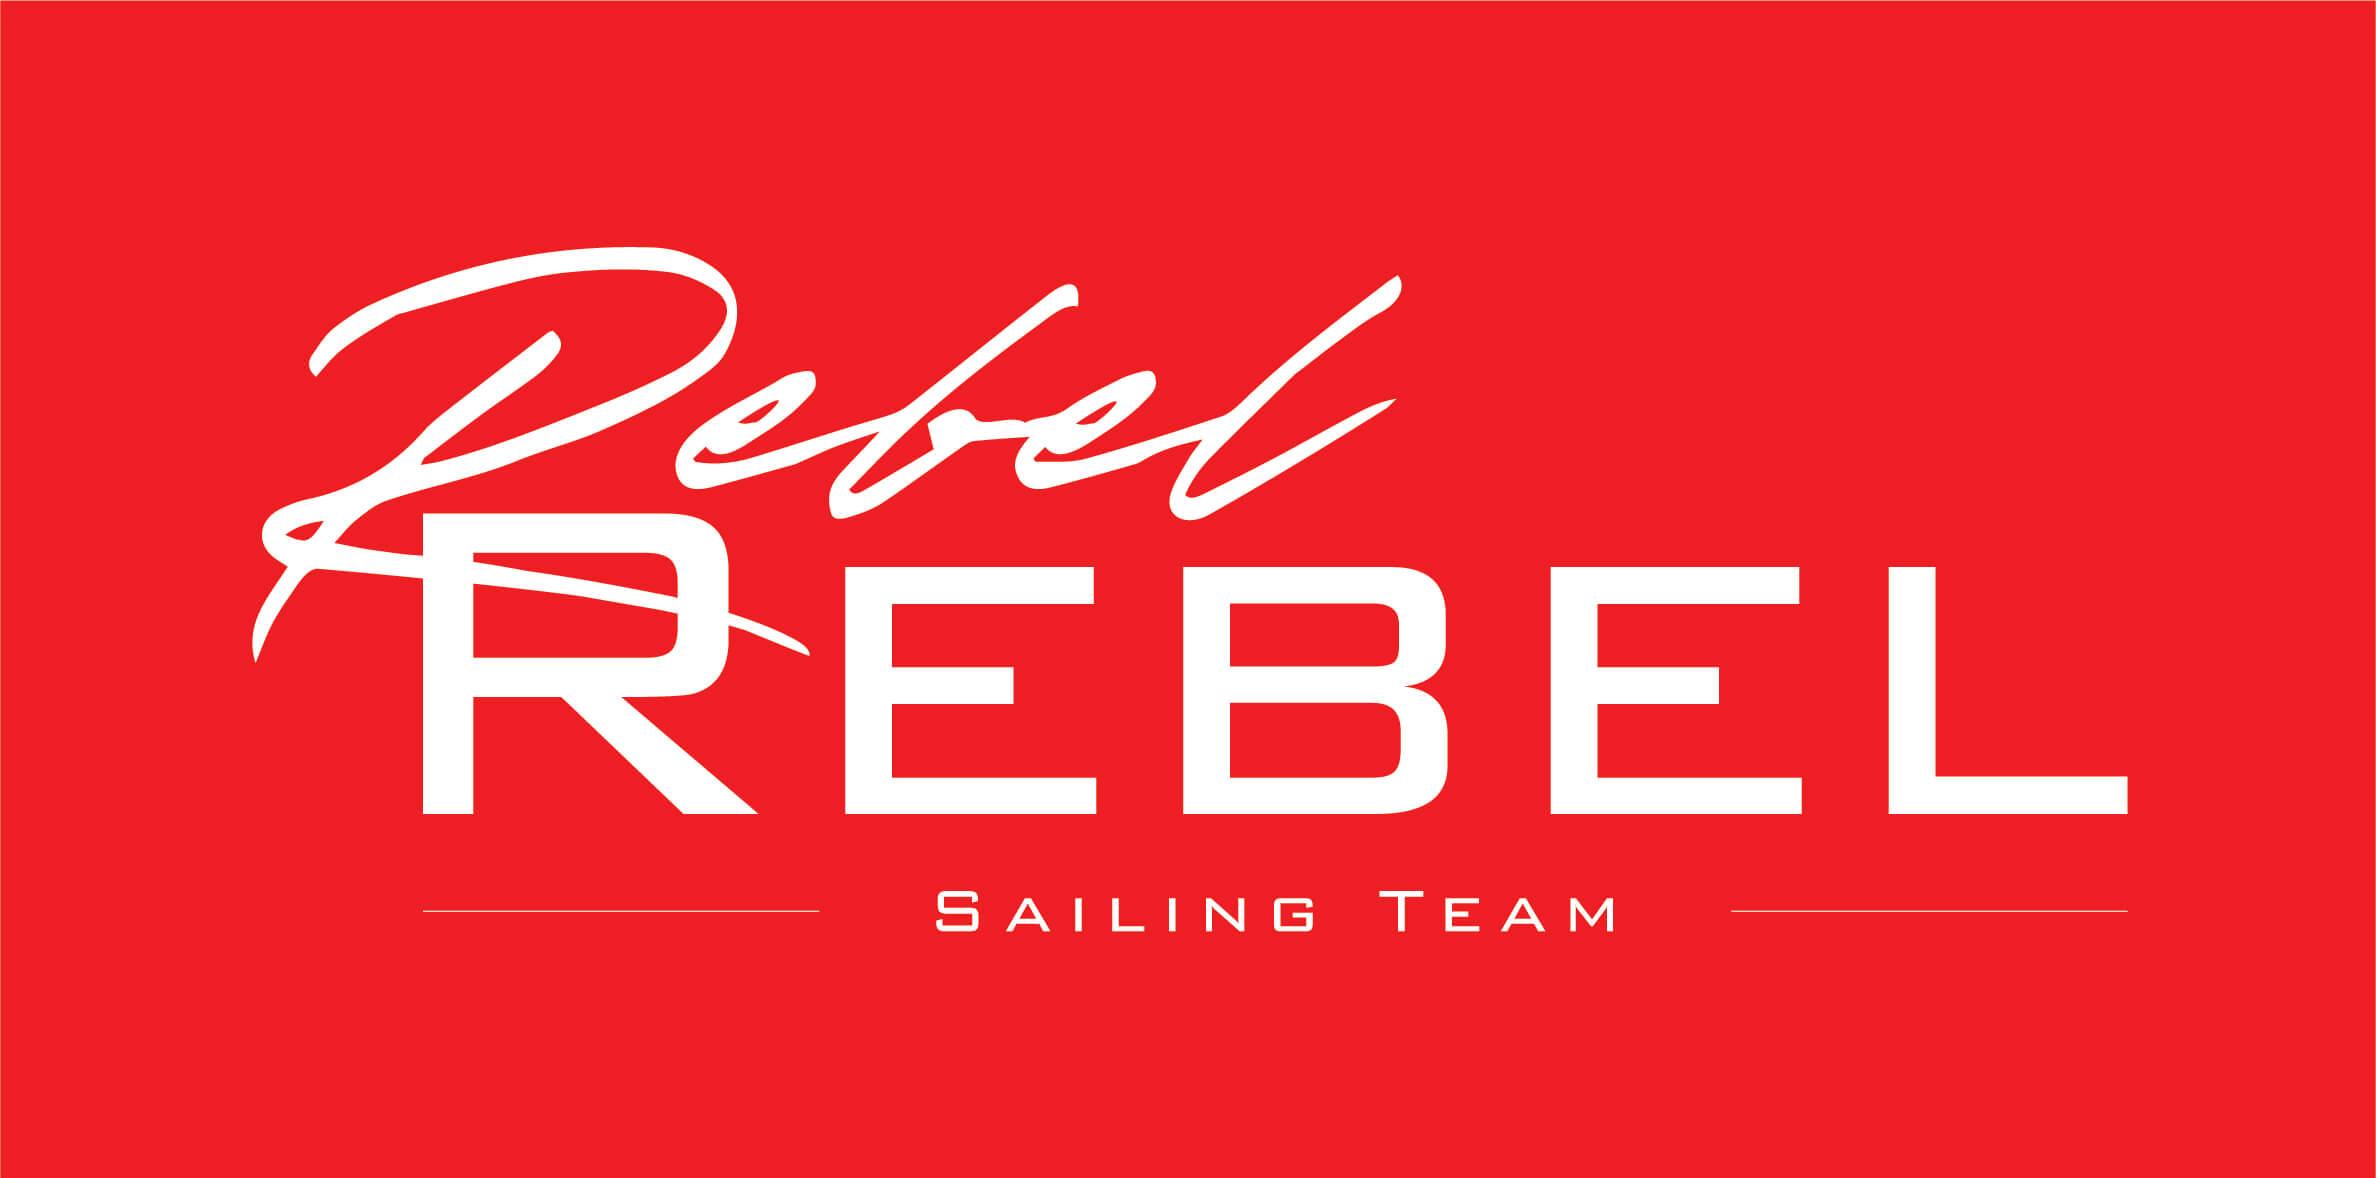 Rebel Rebel sailing team